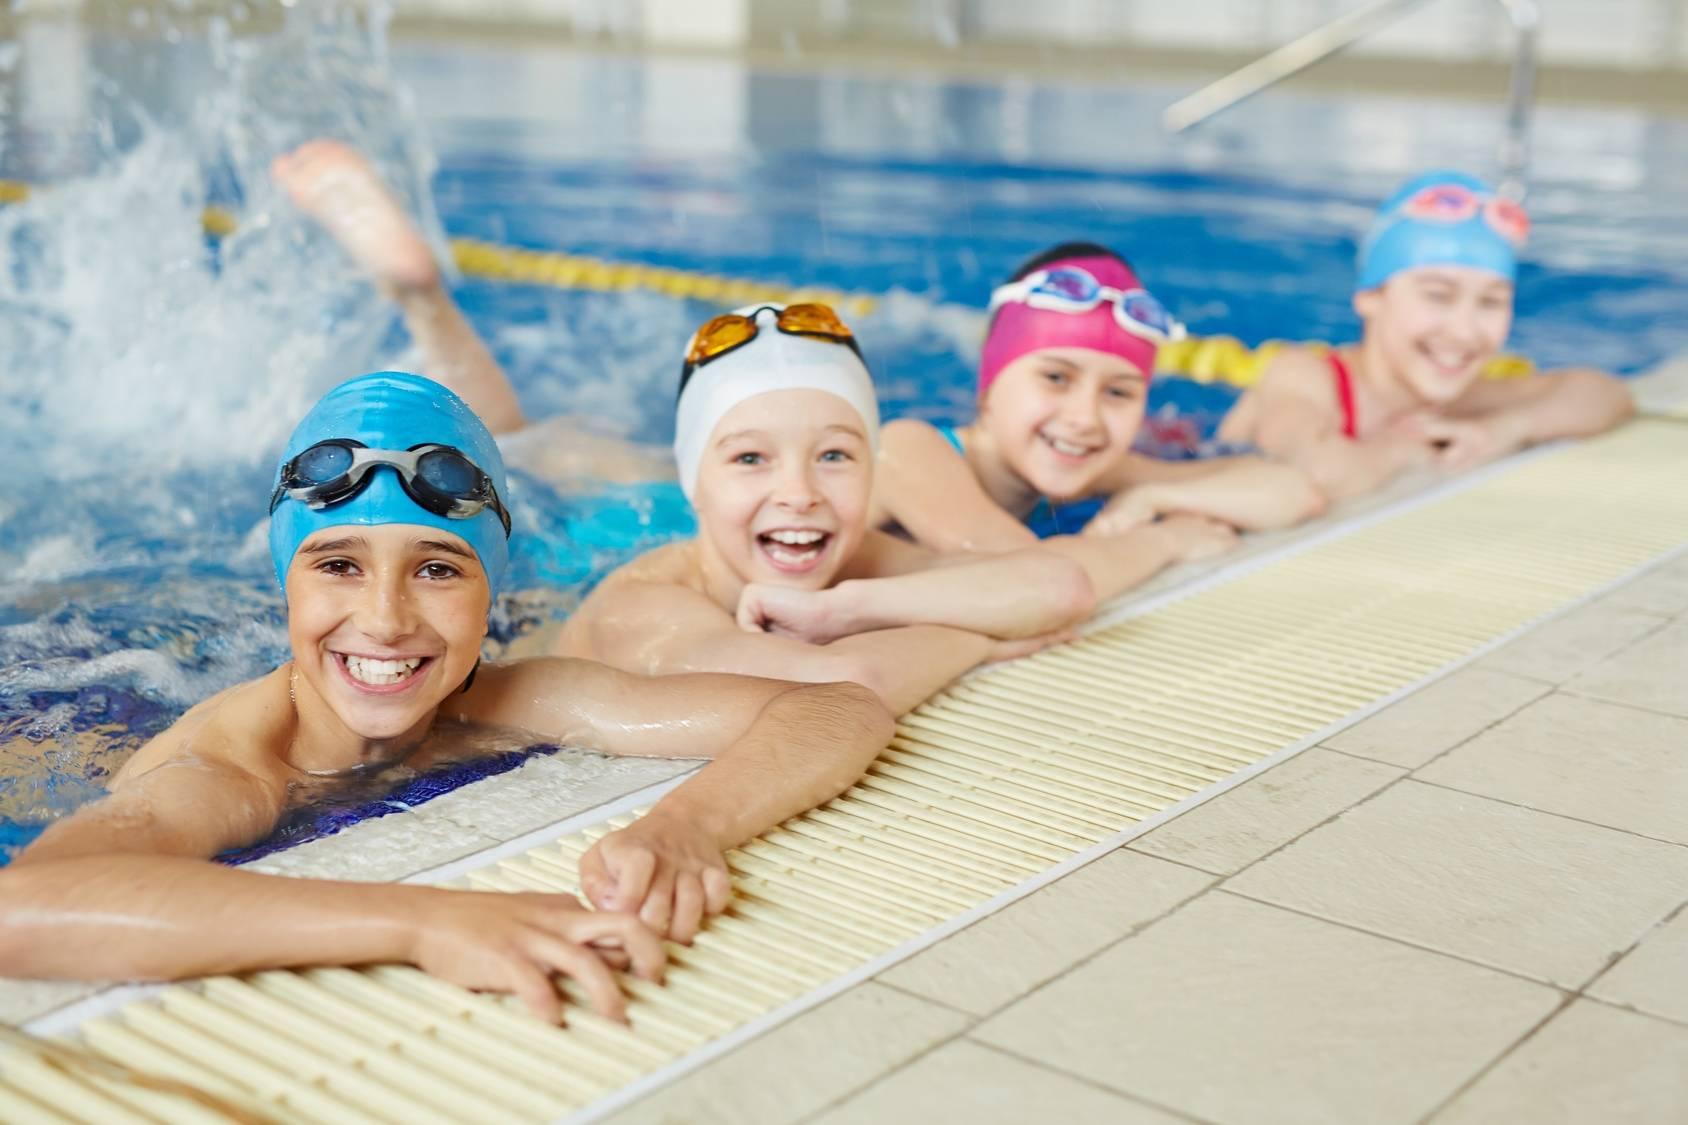 Dzieci w basenie - jadłospis dla małego sportowca. Dieta dla aktywnego dziecka - jak ją ułożyć?